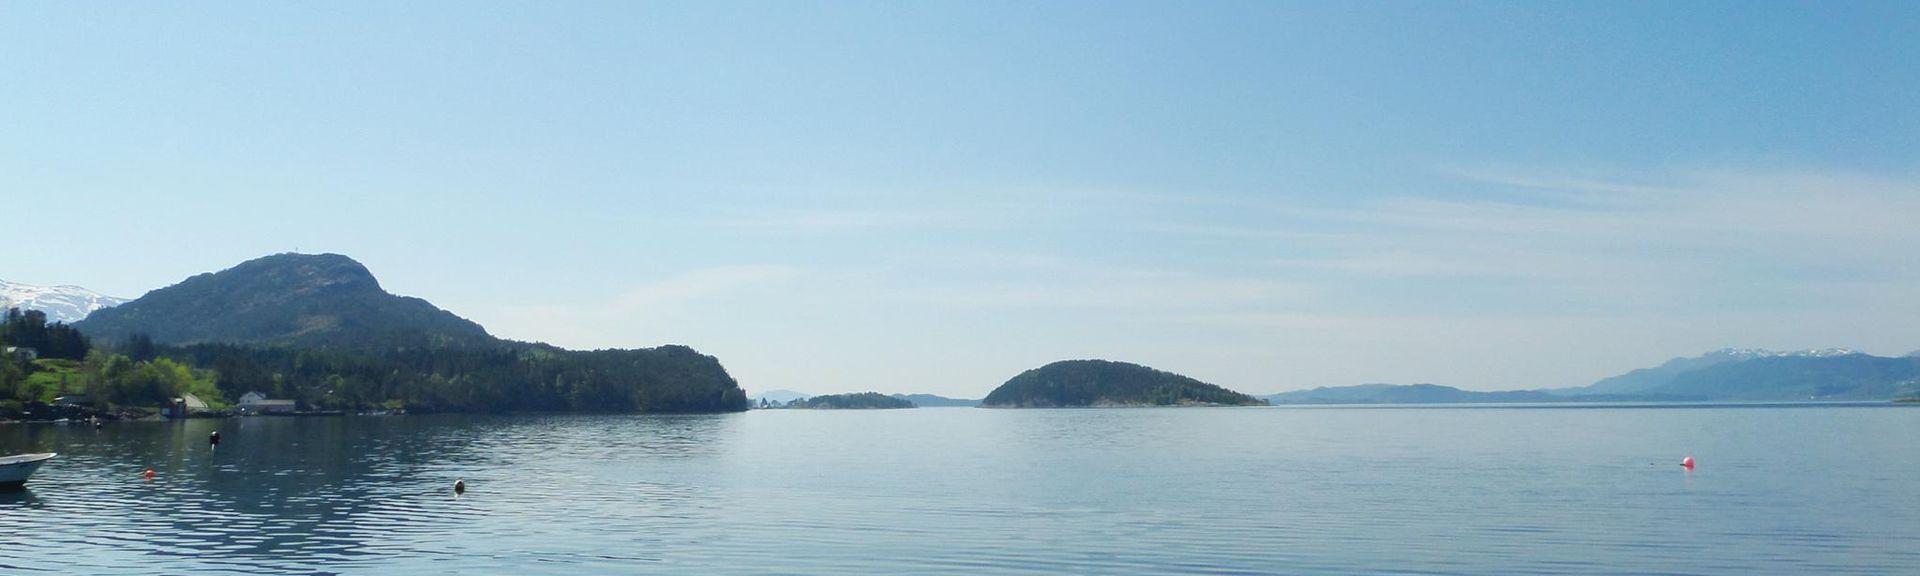 Rosendal, Norway